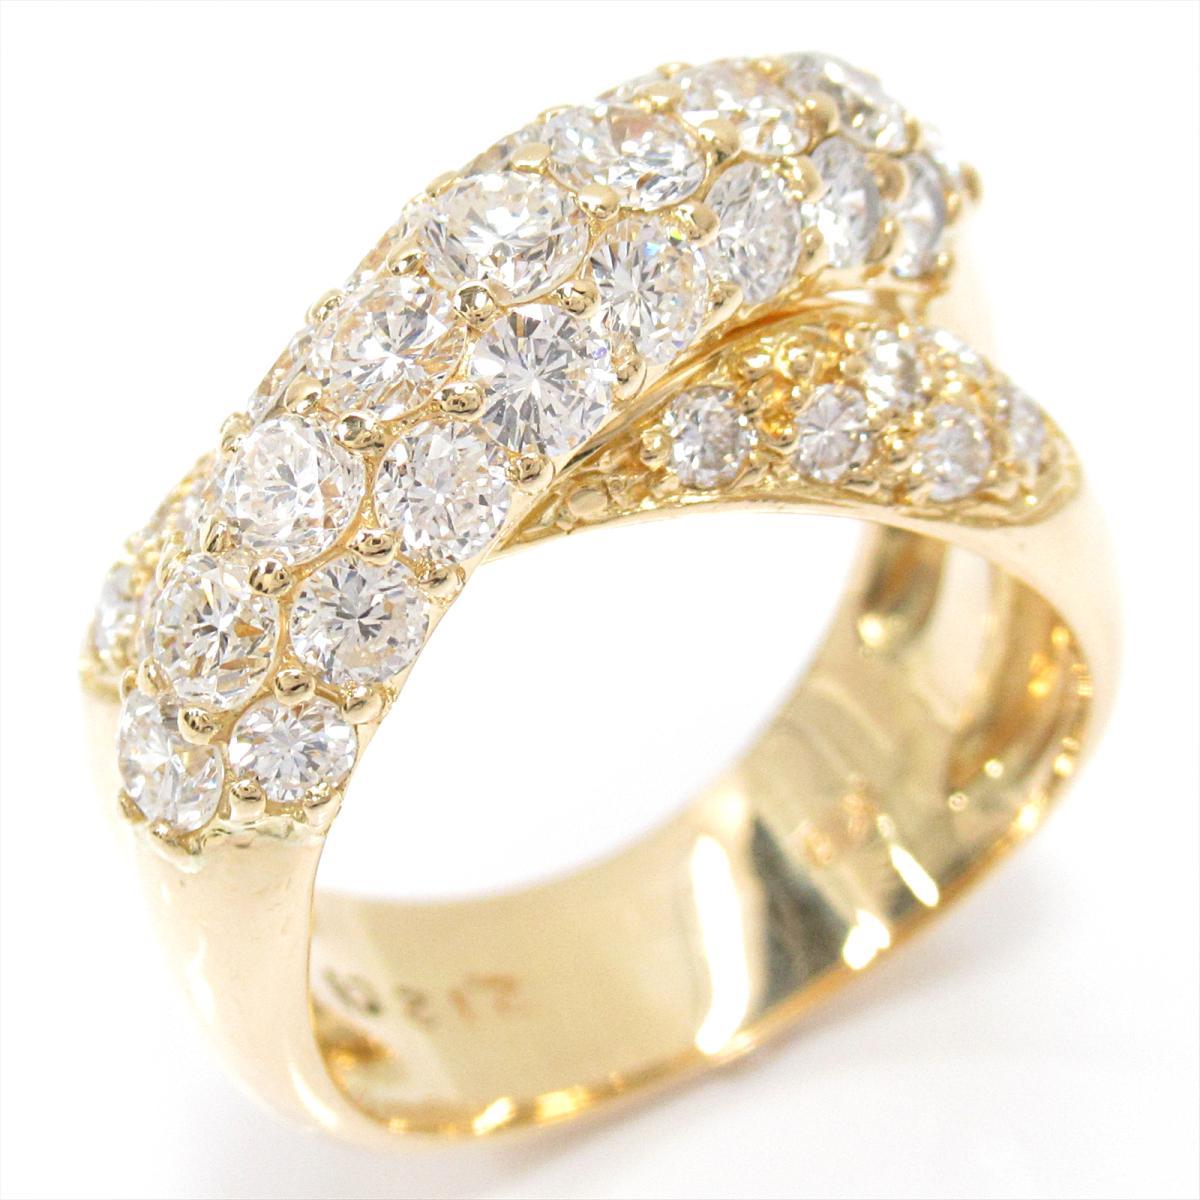 【中古】 ジュエリー ダイヤモンド リング 指輪 レディース K18YG (750) イエローゴールド x (2.12ct) | JEWELRY BRANDOFF ブランドオフ ブランド アクセサリー